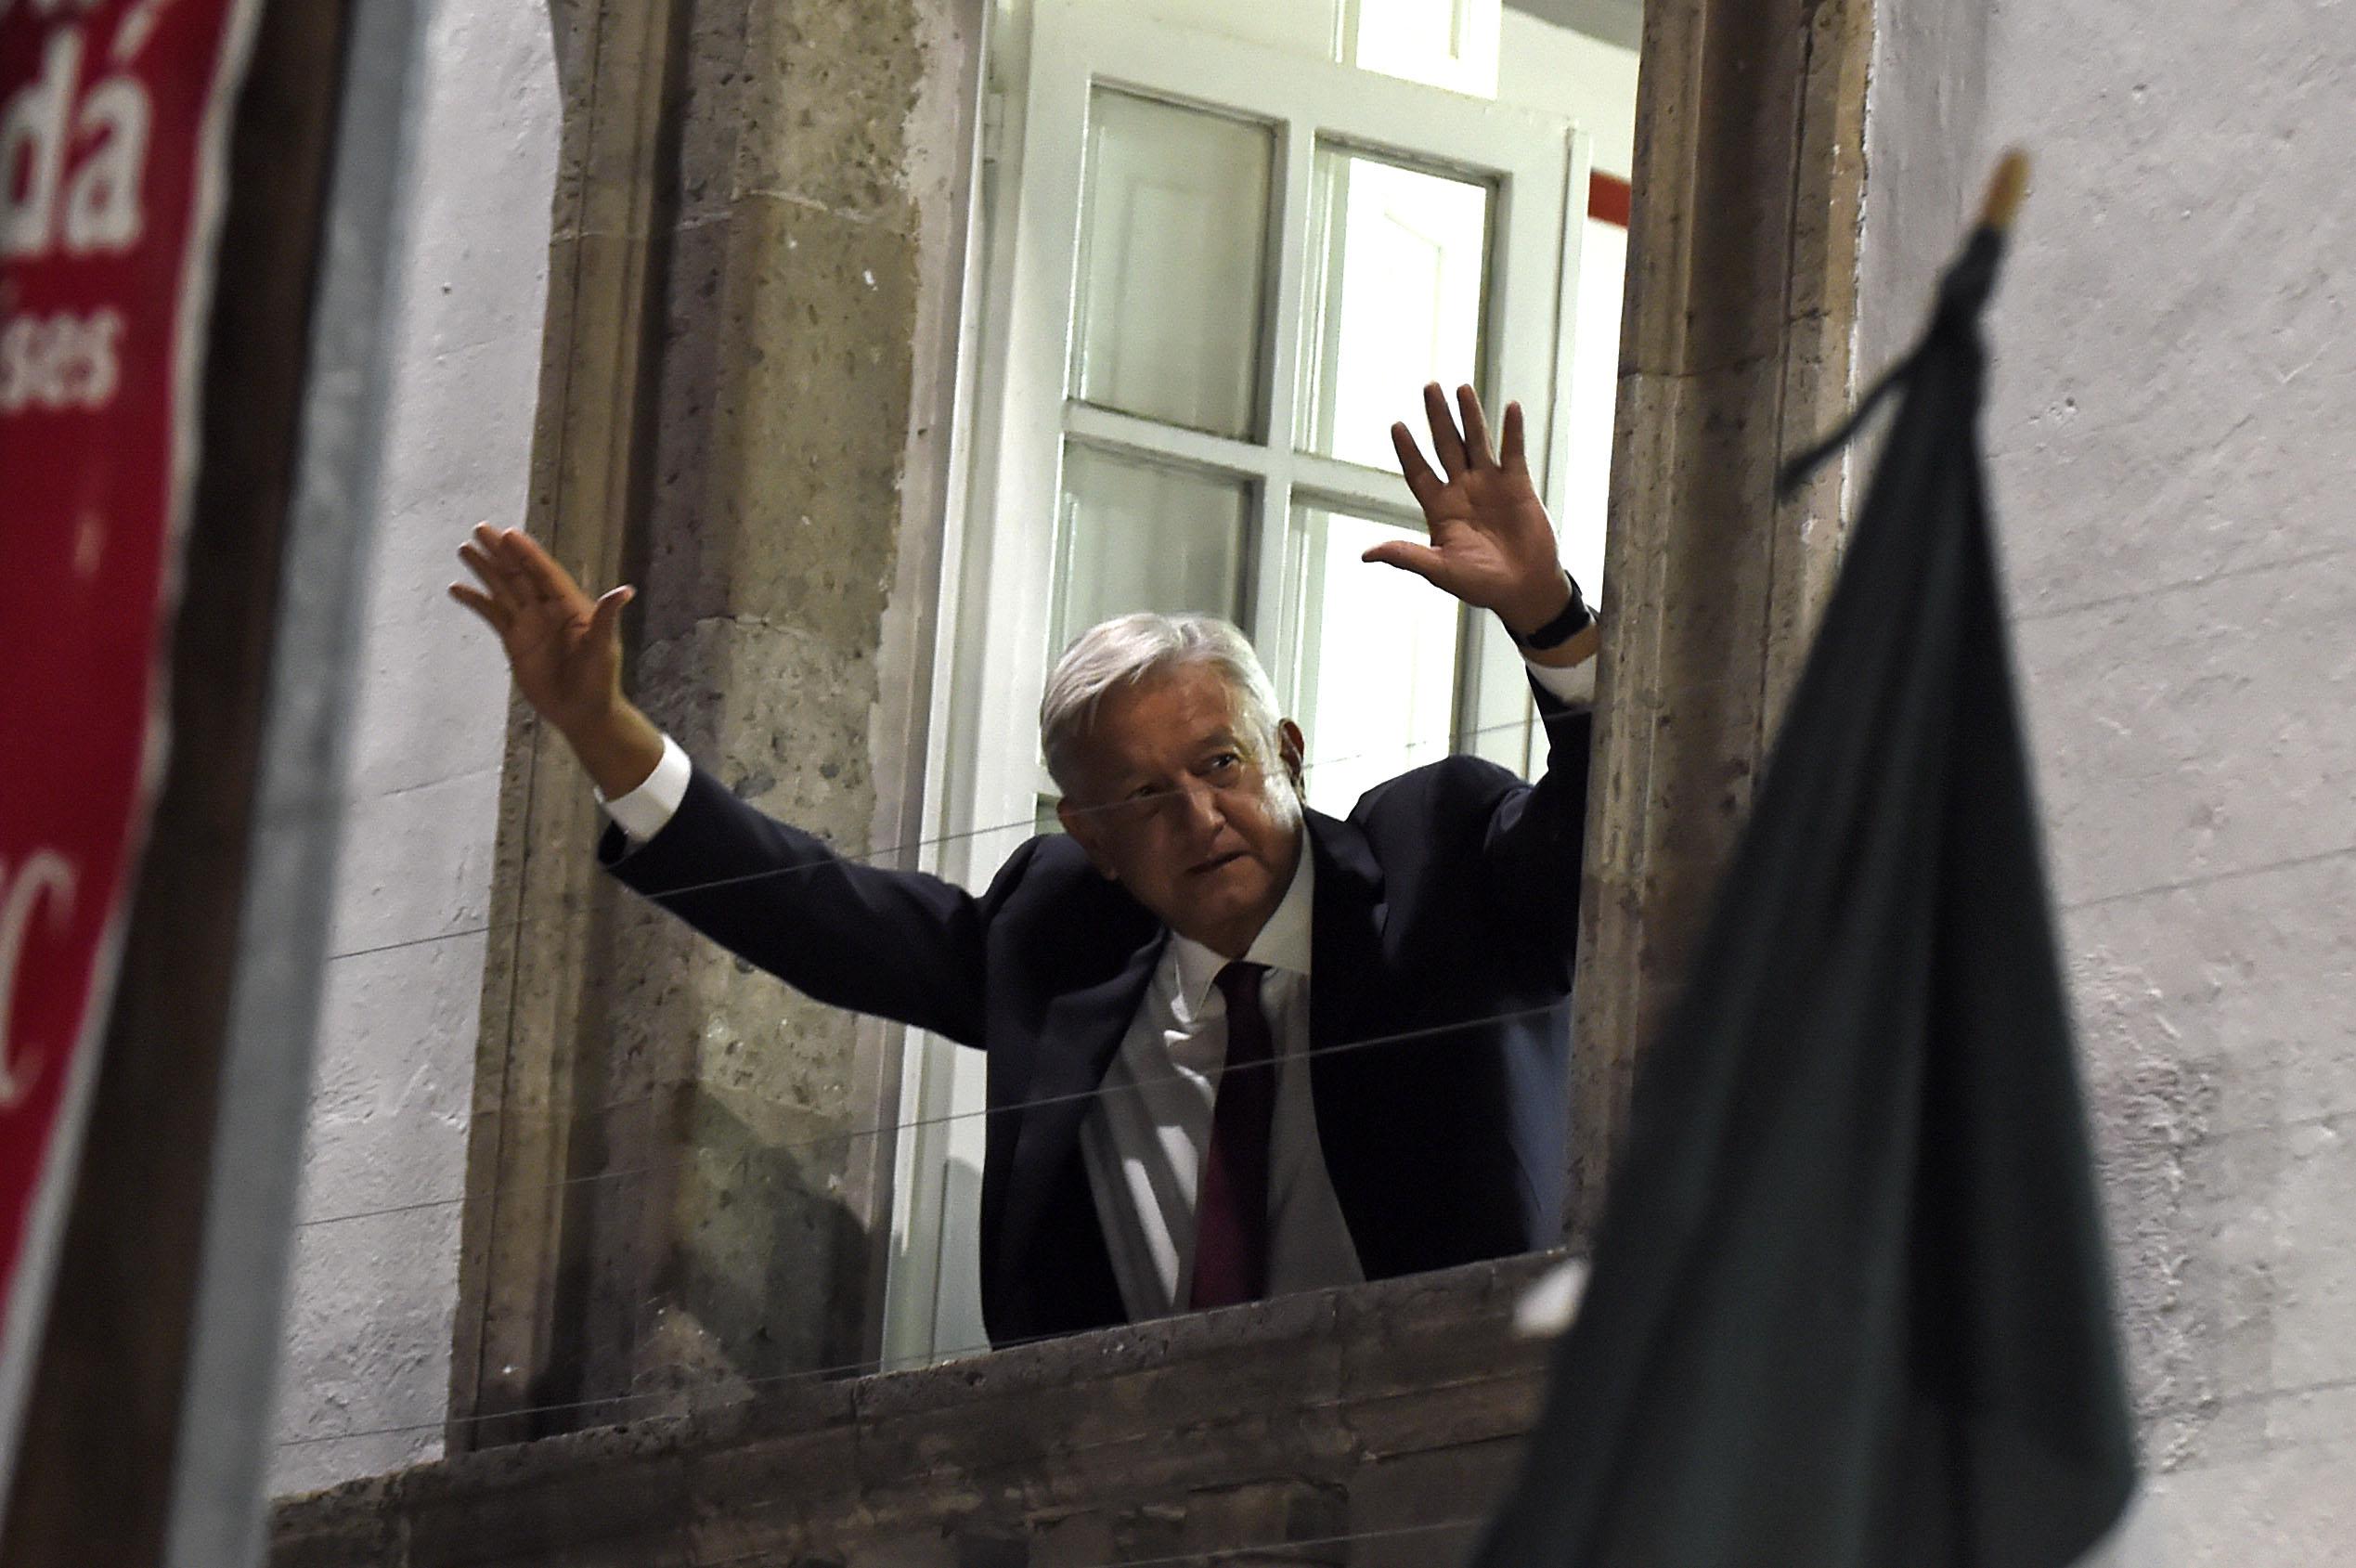 A mexikói elnök egy szexista kijelentéssel összegezte a koronavírus elleni küzdelem helyzetét